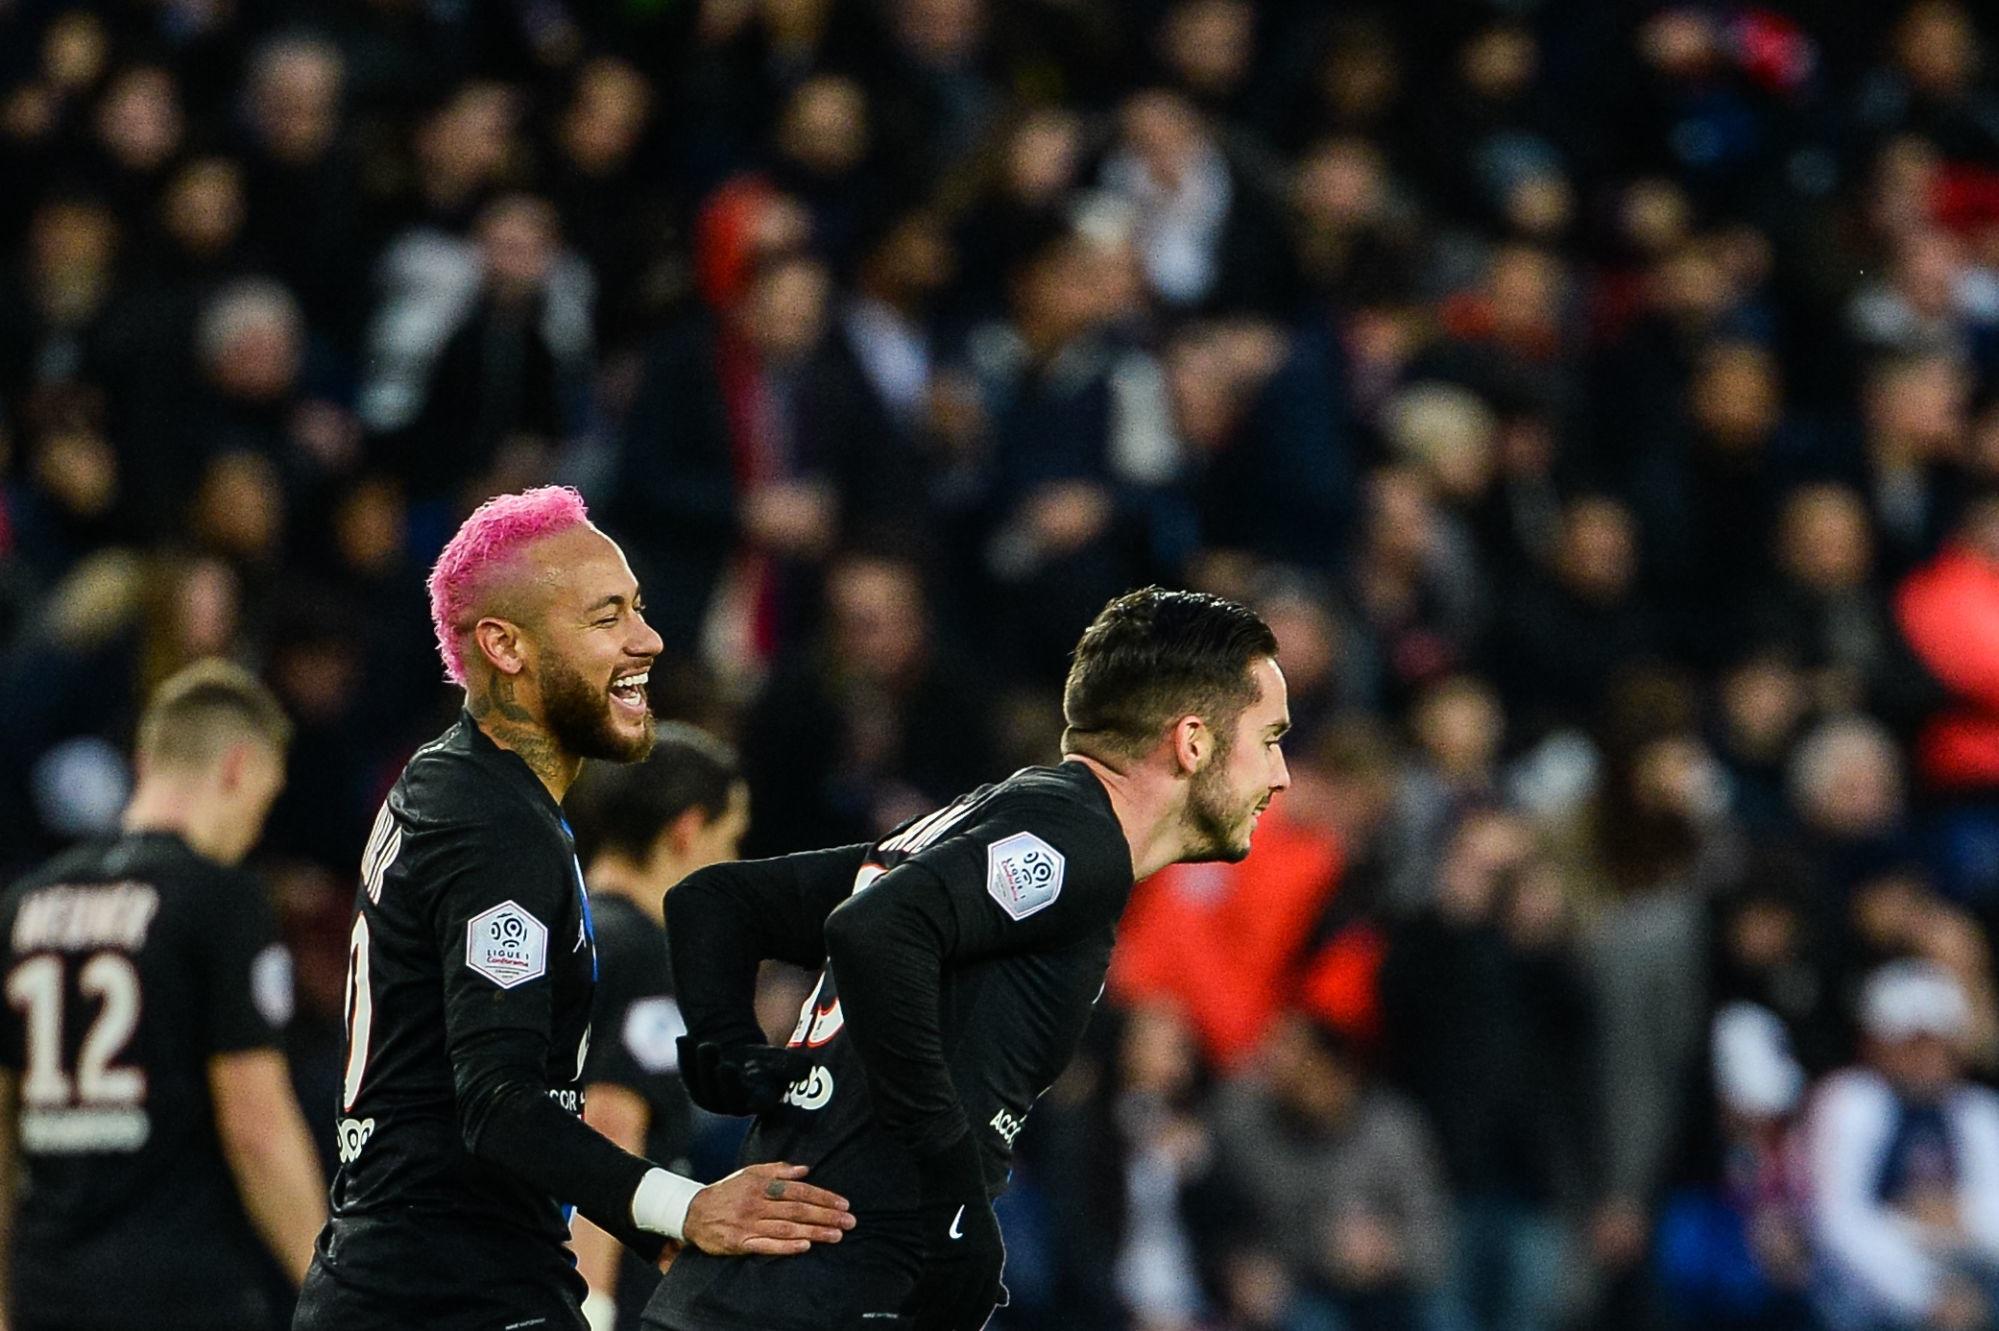 Sondage - Quel est le plus beau but du PSG cette saison ? 2e manche : Sarabia ou Neymar ?